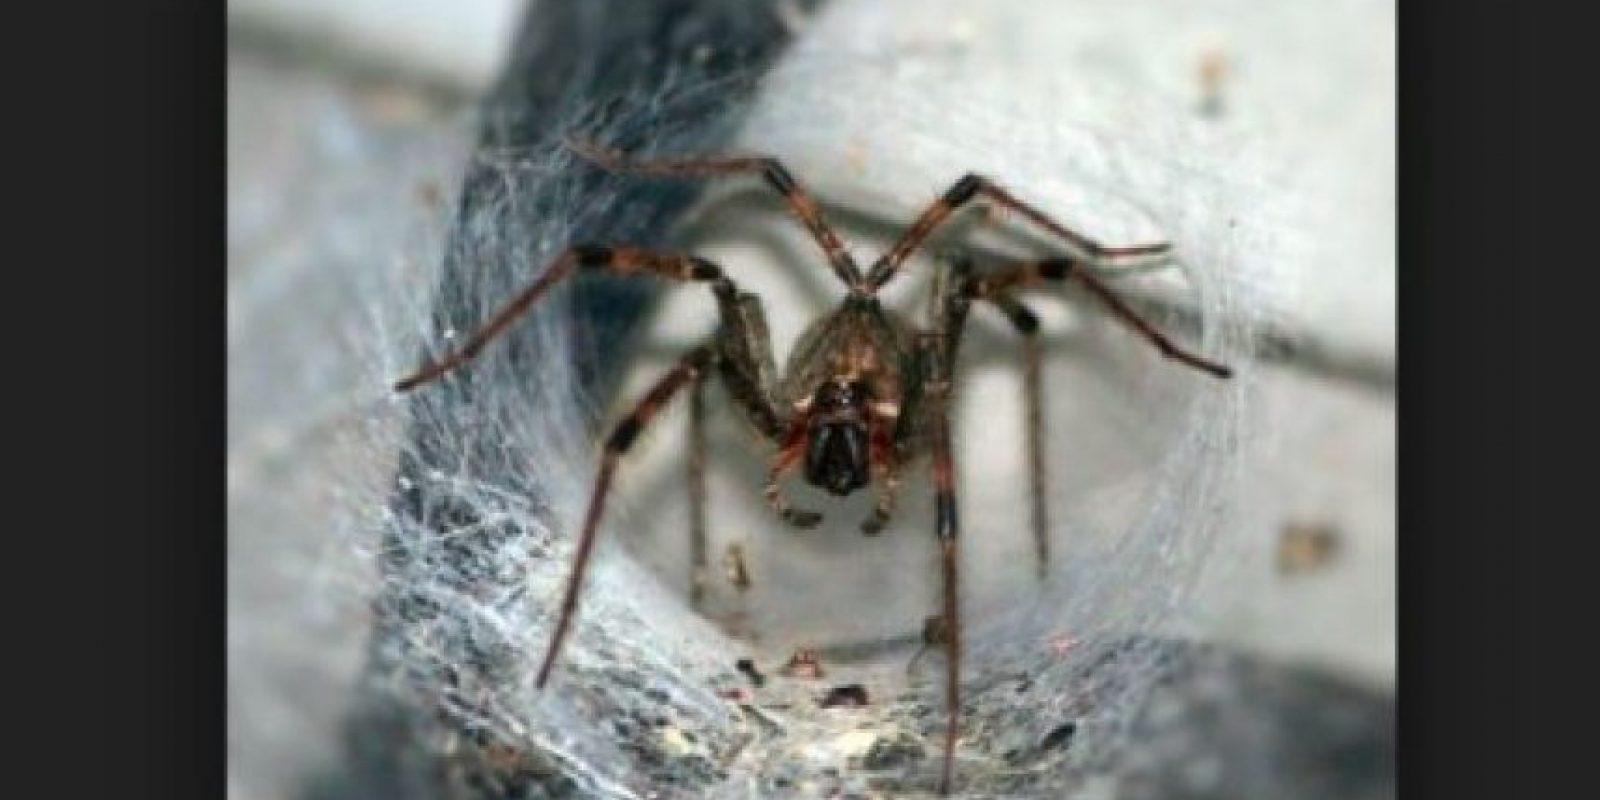 Araña tela de embudo: los síntomas de la mordedura pueden surgir y progresar rápidamente. Si no se tratan pueden causar una muerte dolorosa Foto:pixabay.com